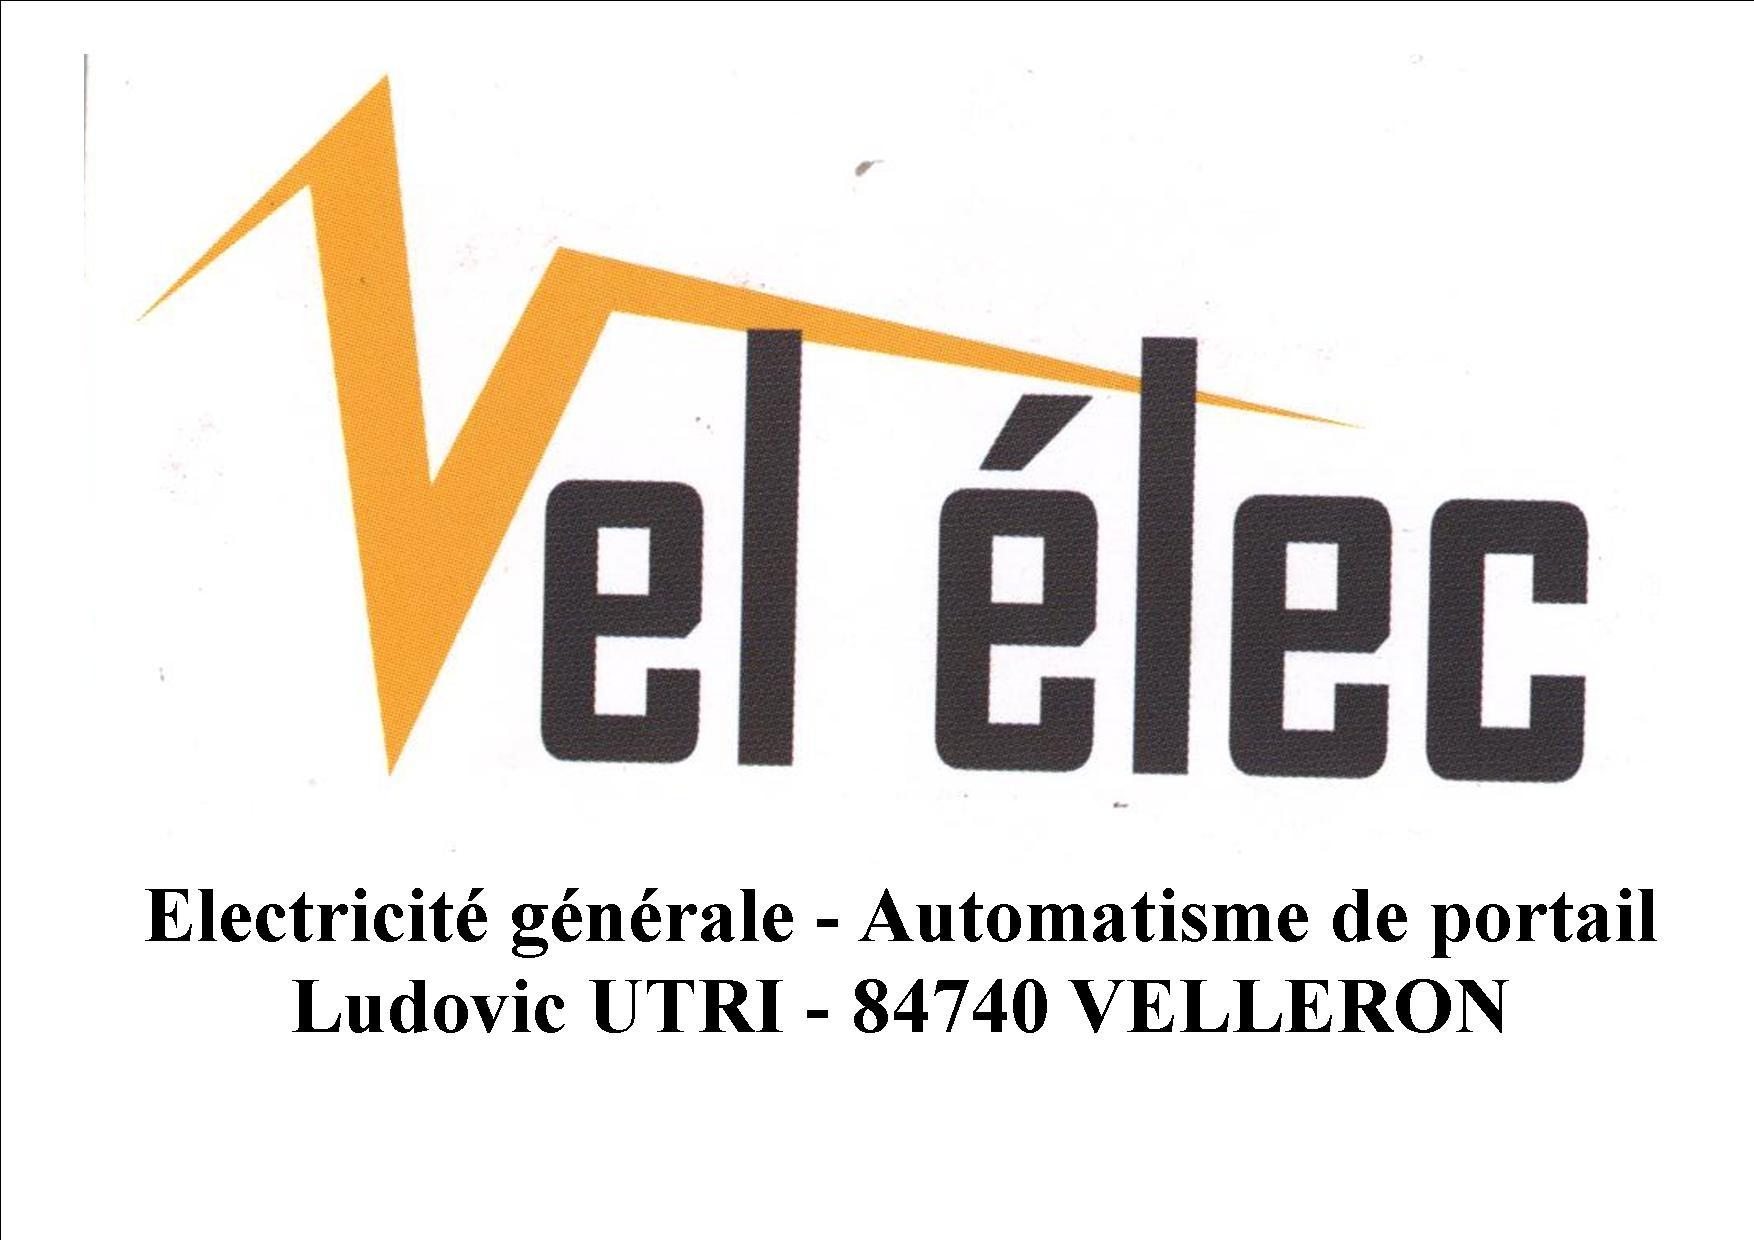 Logo vel'elec avec texte